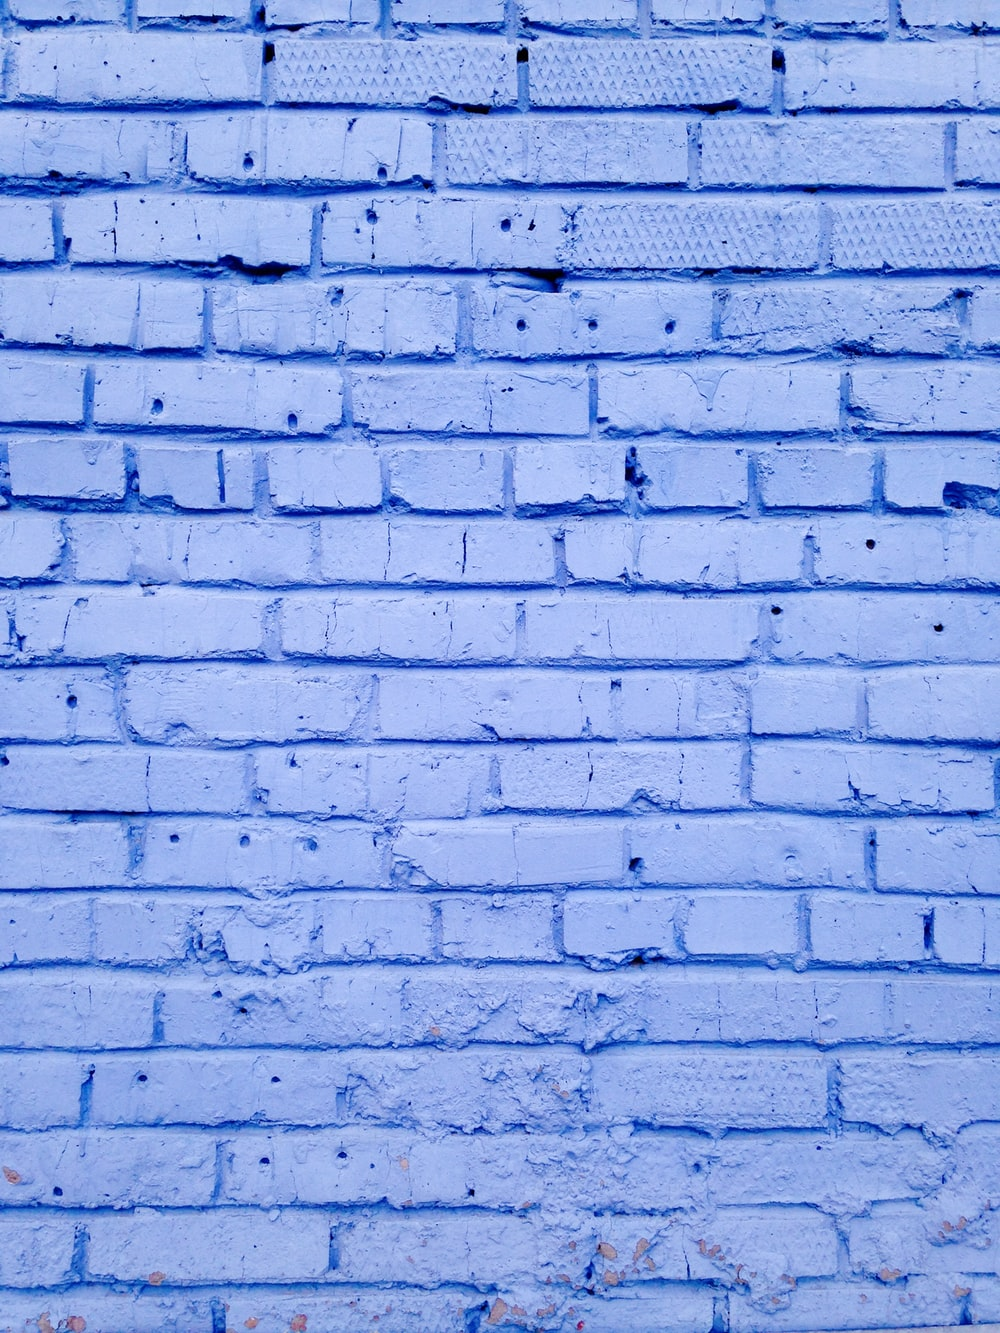 closeup of brick surface